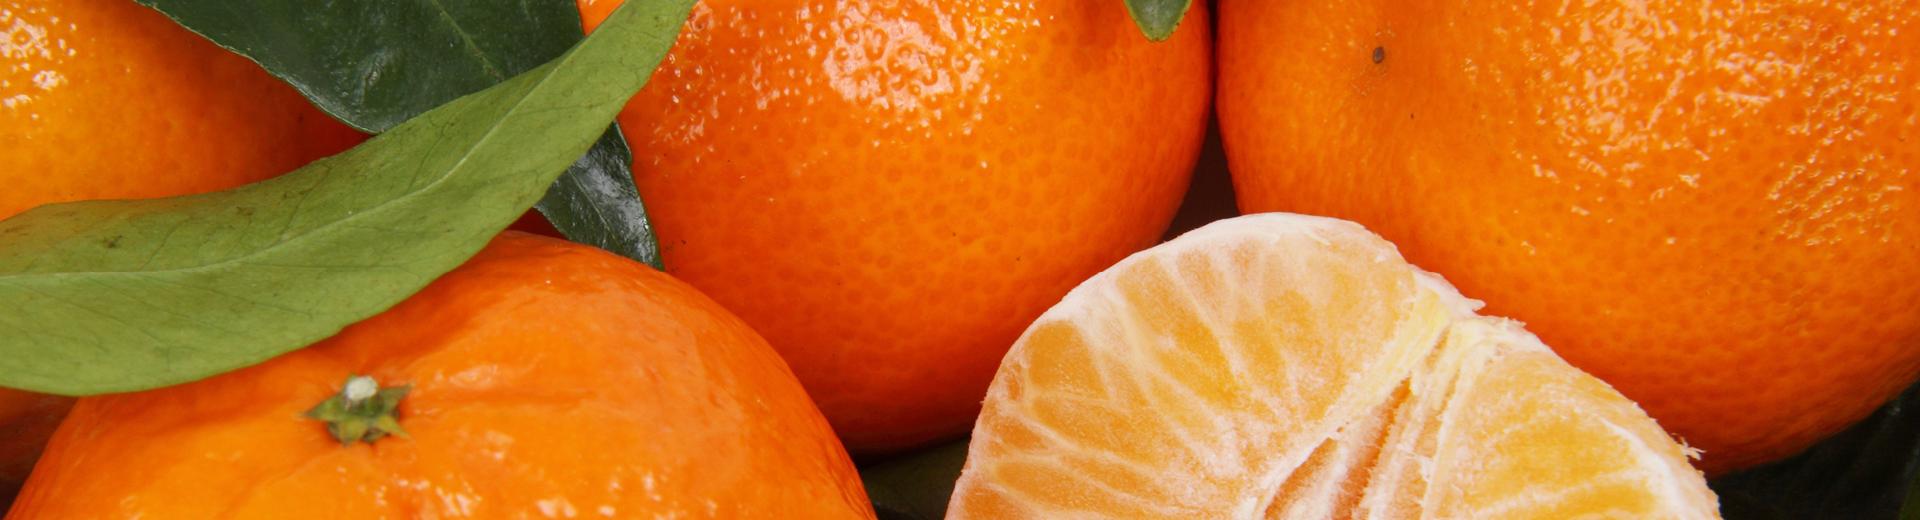 Mandarinen und Clementinen –